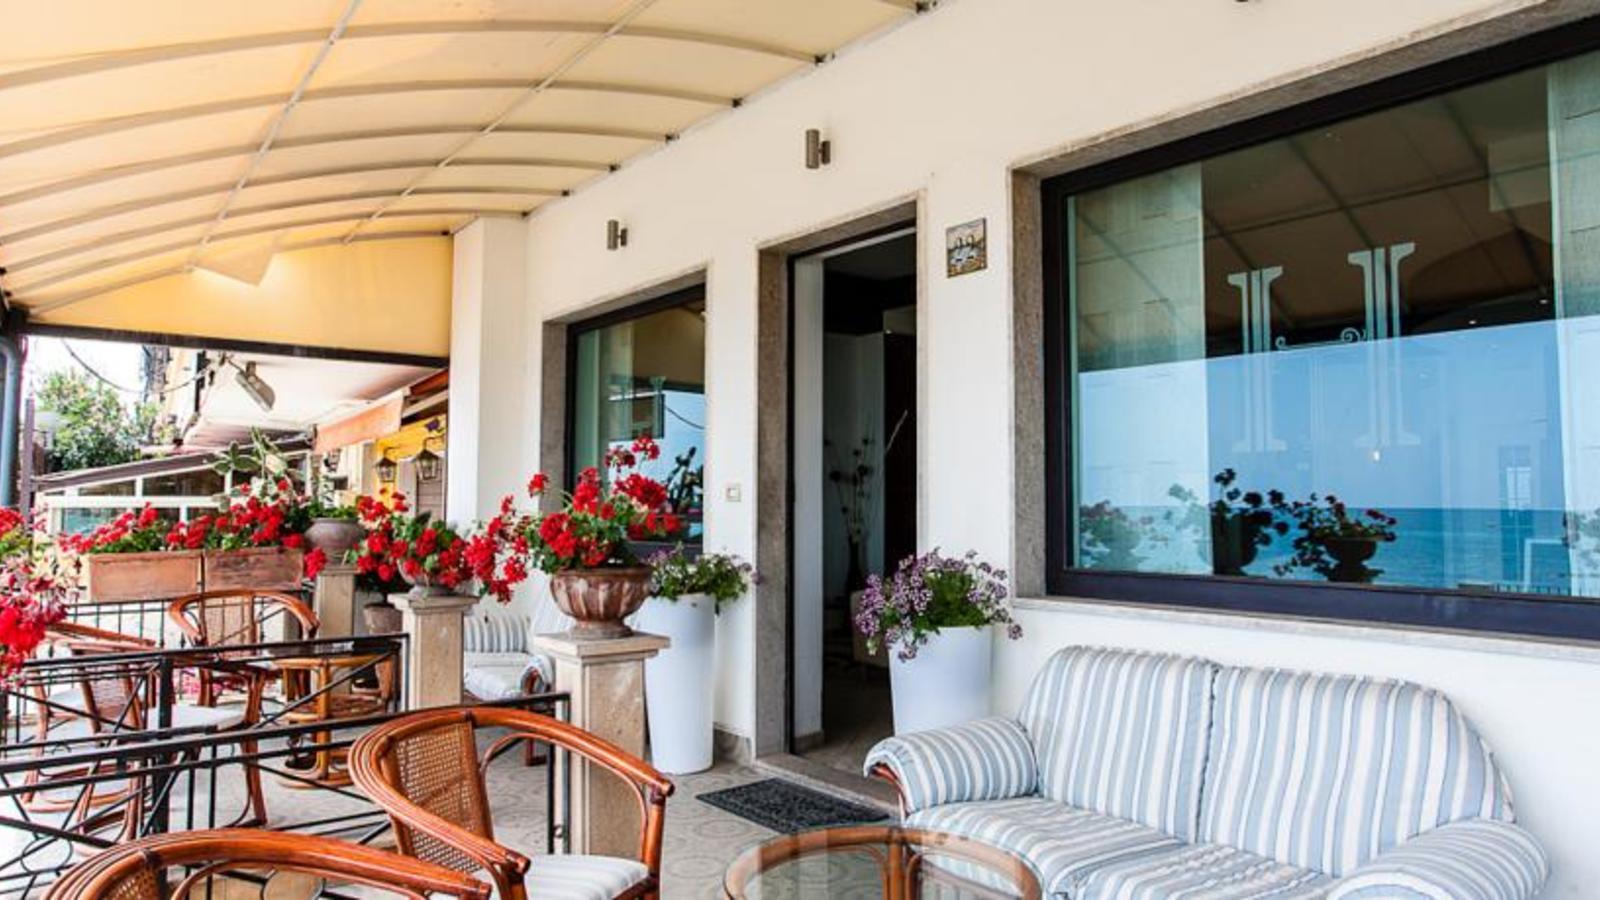 Hotel tysandros giardini naxos - Hotel ai giardini naxos ...